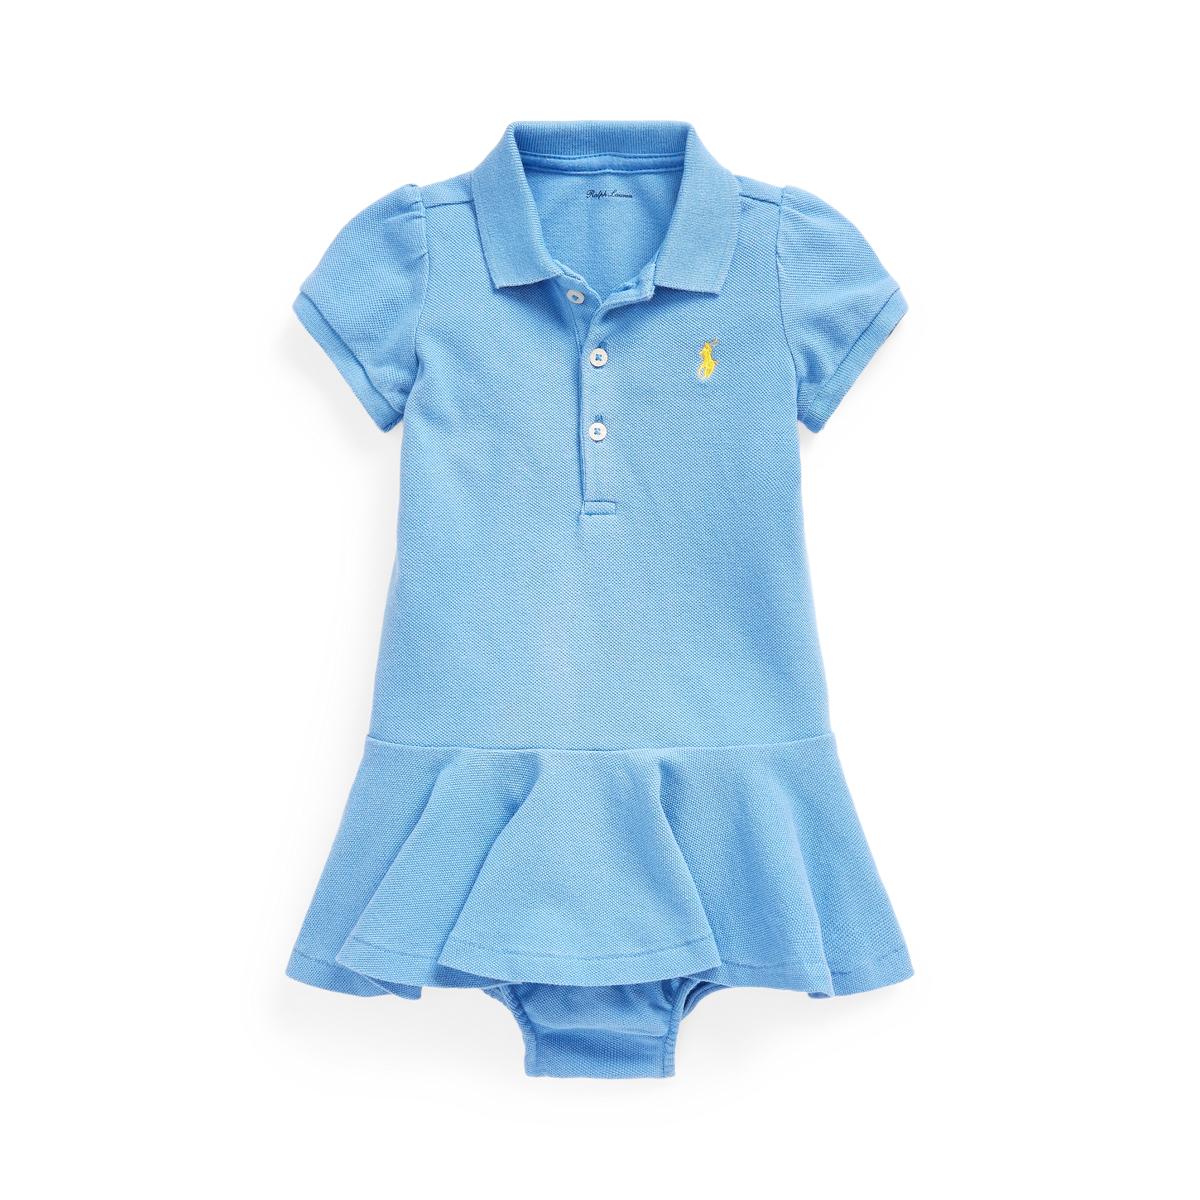 Piqué Polo Dress & Bloomer